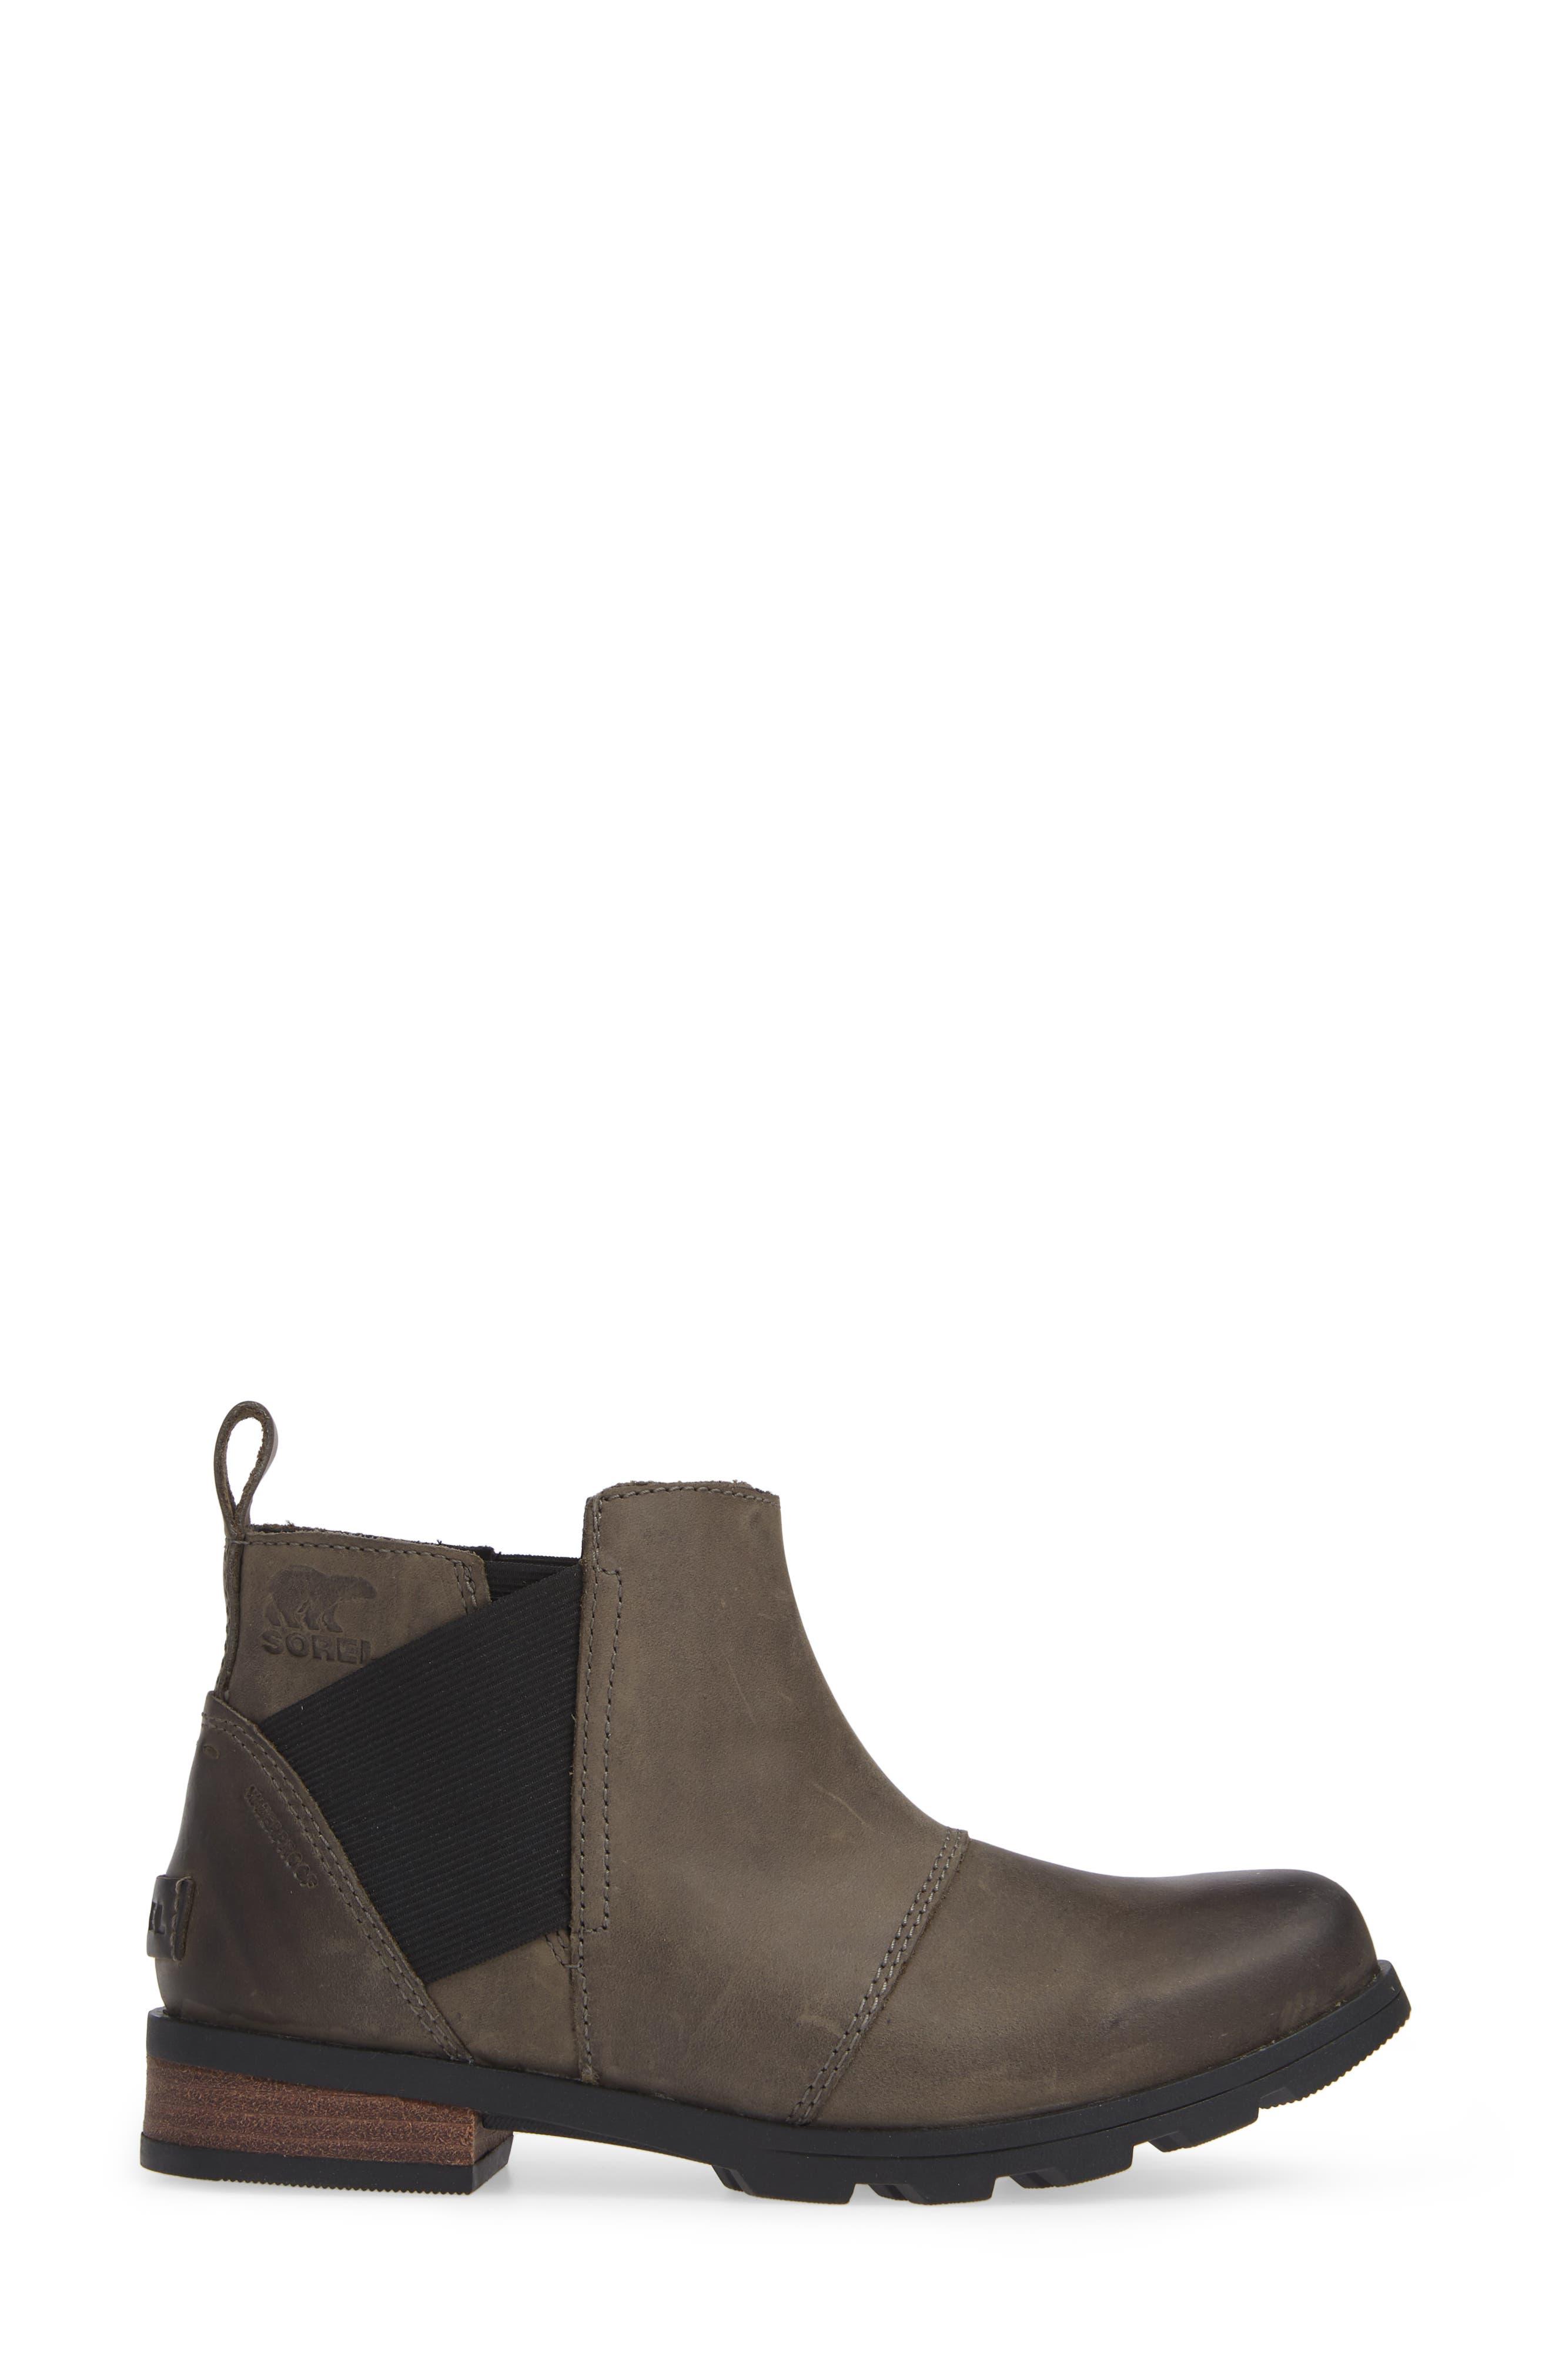 Emelie Waterproof Chelsea Boot,                             Alternate thumbnail 9, color,